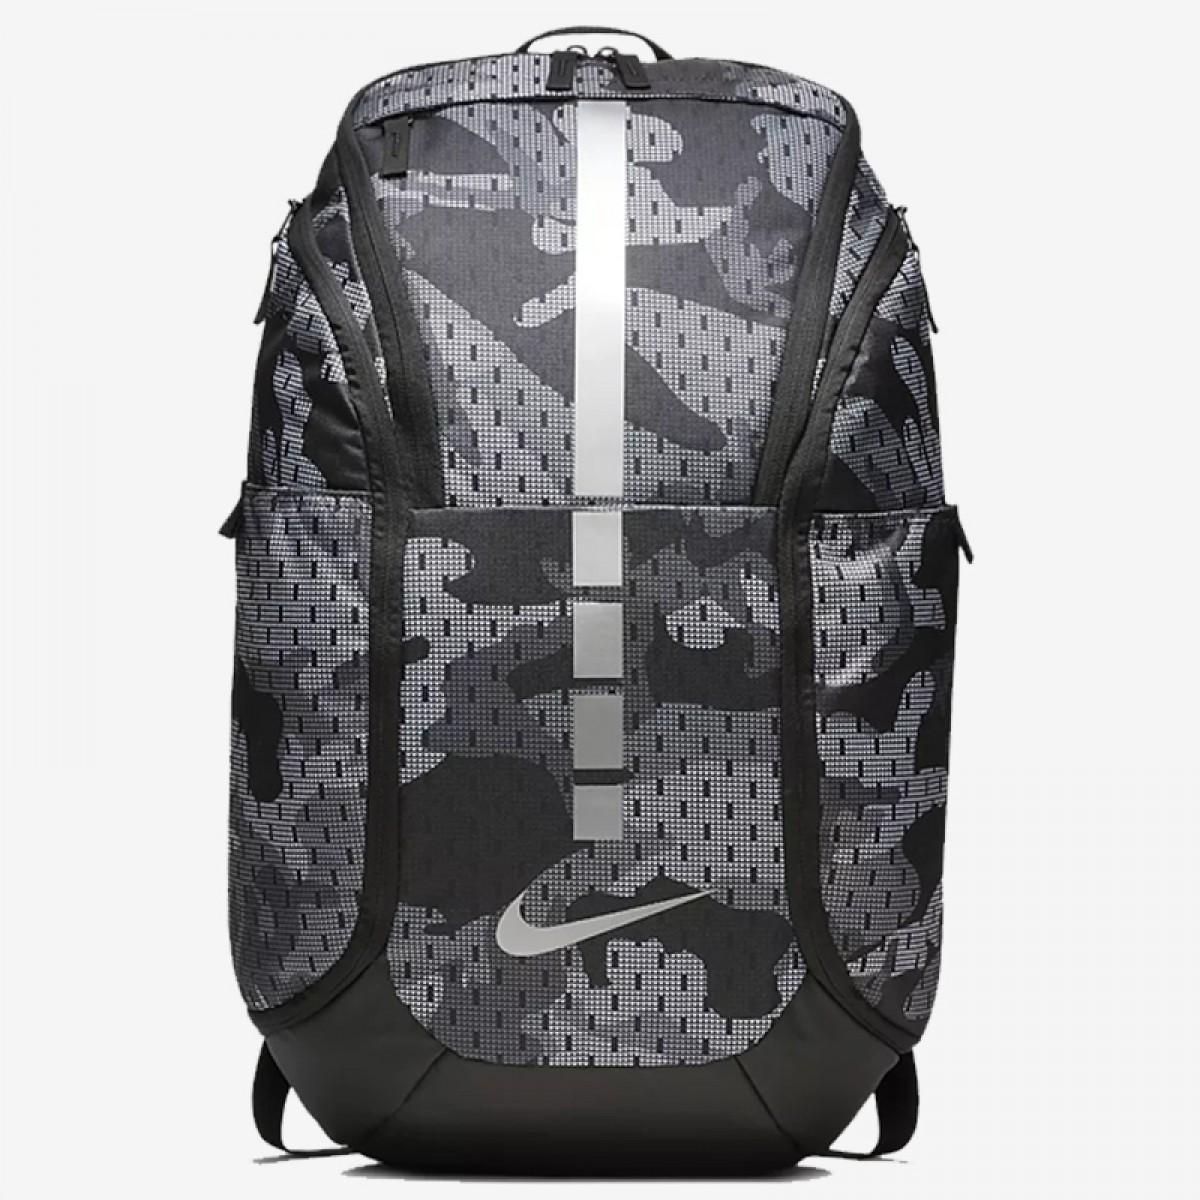 816bc3463df Buy Nike Hoops Elite Pro 'Gunsmoke' Basketball shoes & sneakers